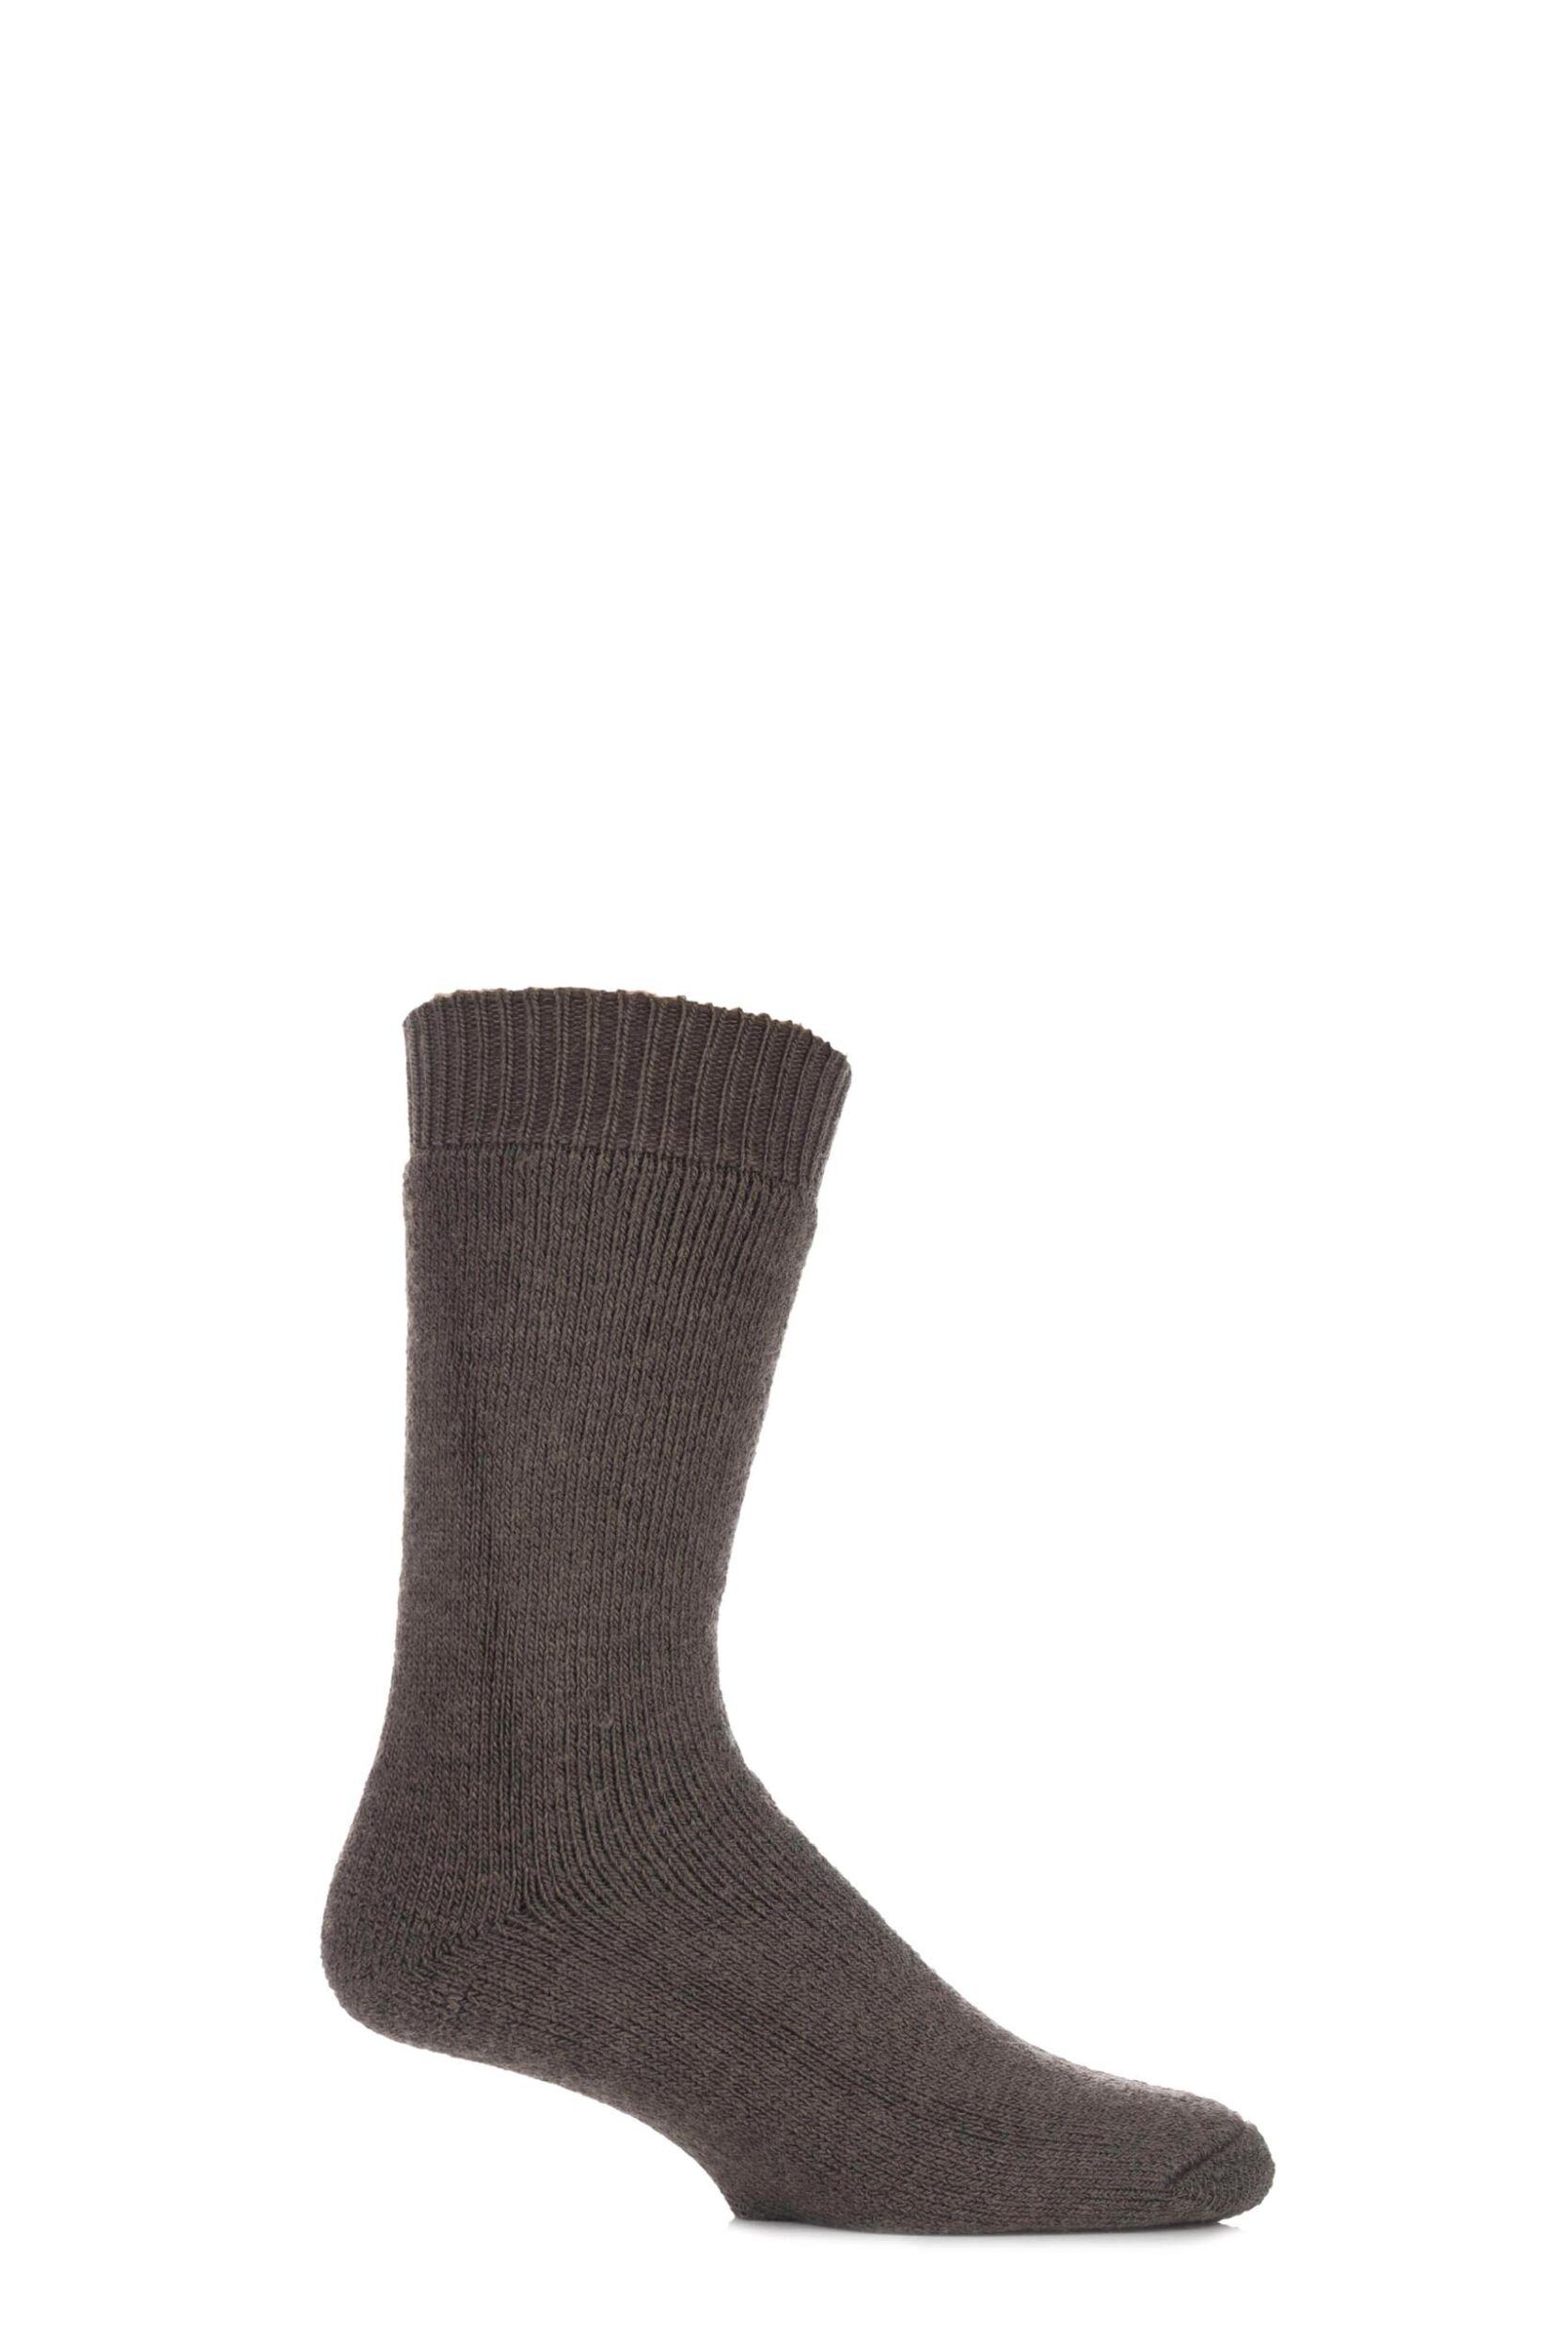 Mens and Ladies 1 Pair HJ Hall ProTrek Rambler Wool Walking Socks